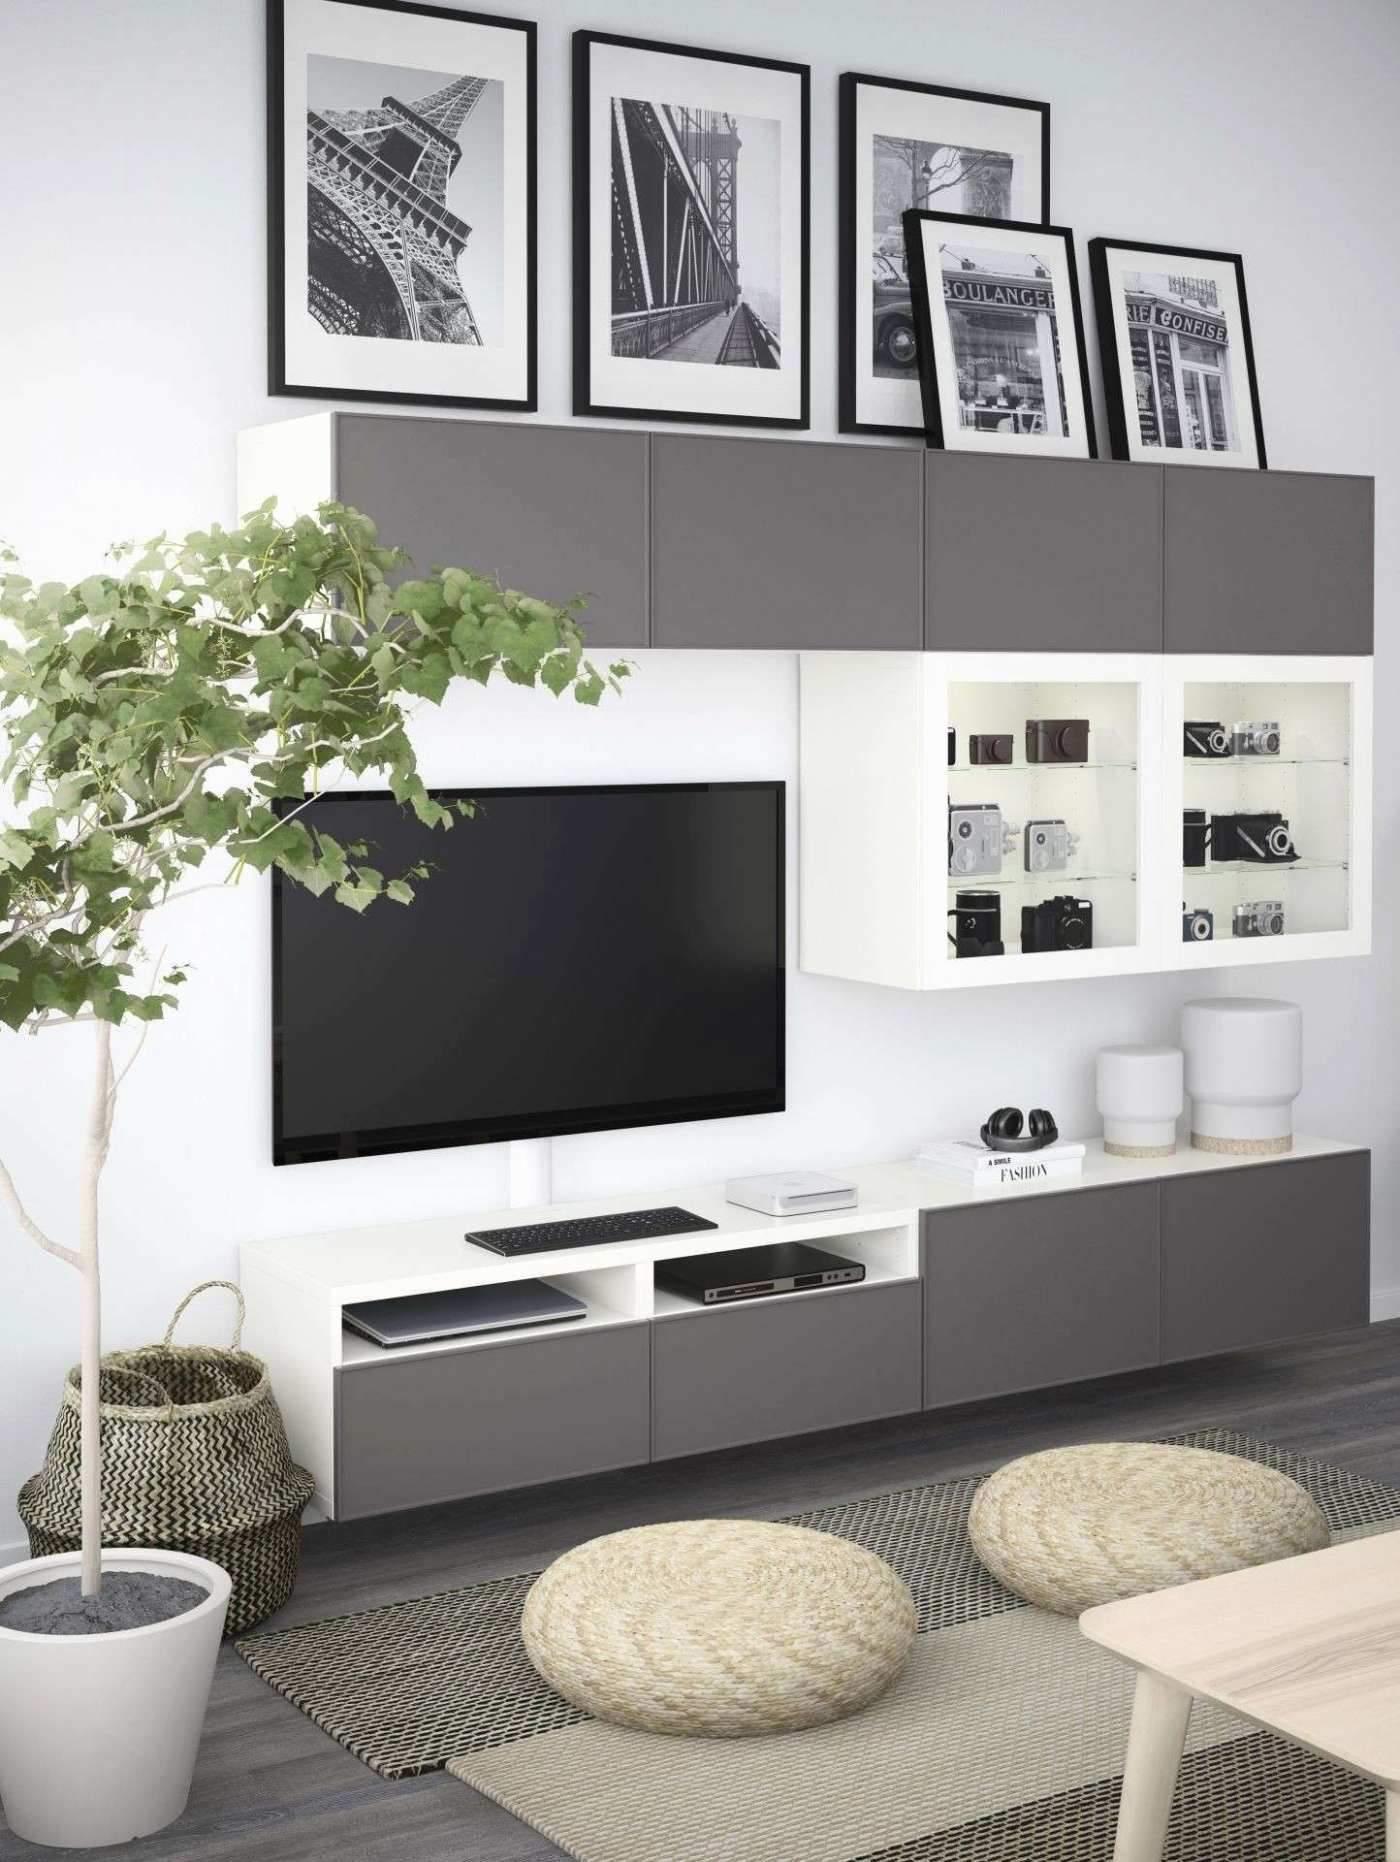 wohnen und dekorieren schon wohnzimmer modern dekorieren luxus leonardo wohnwand 0d of wohnen und dekorieren